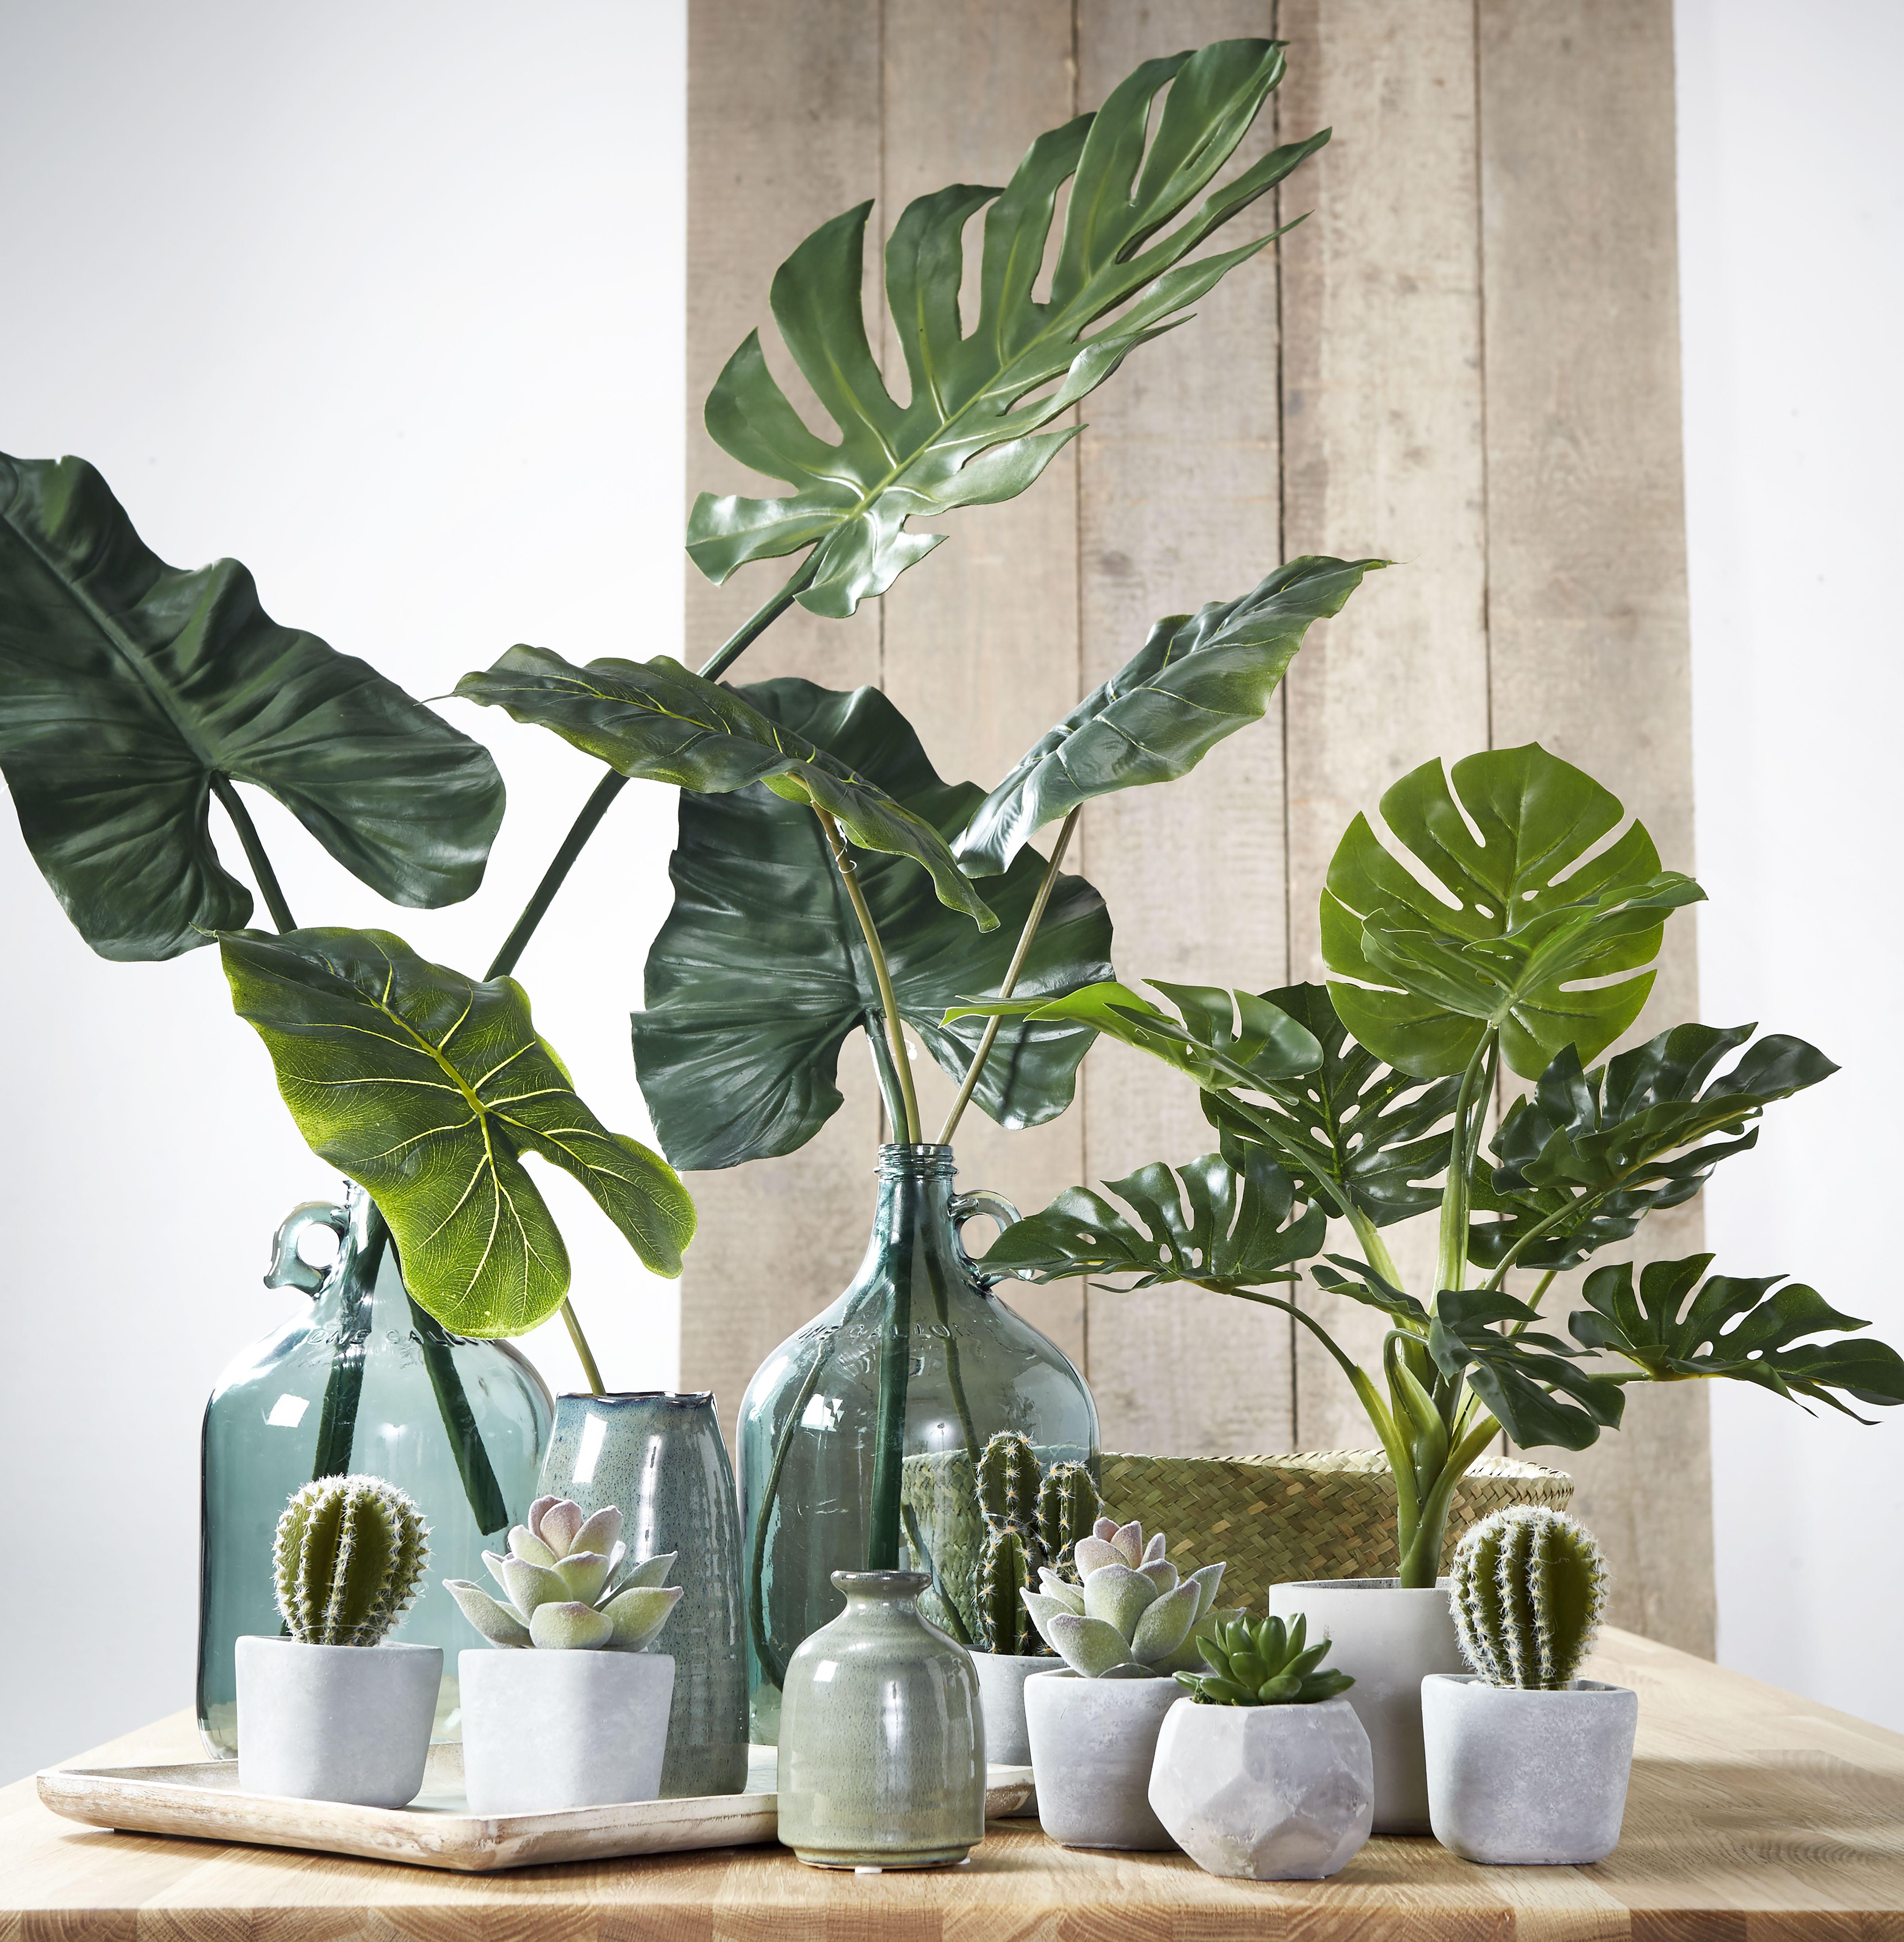 Leuk, maar wel met echte planten   Interieur & kunst   Pinterest ...